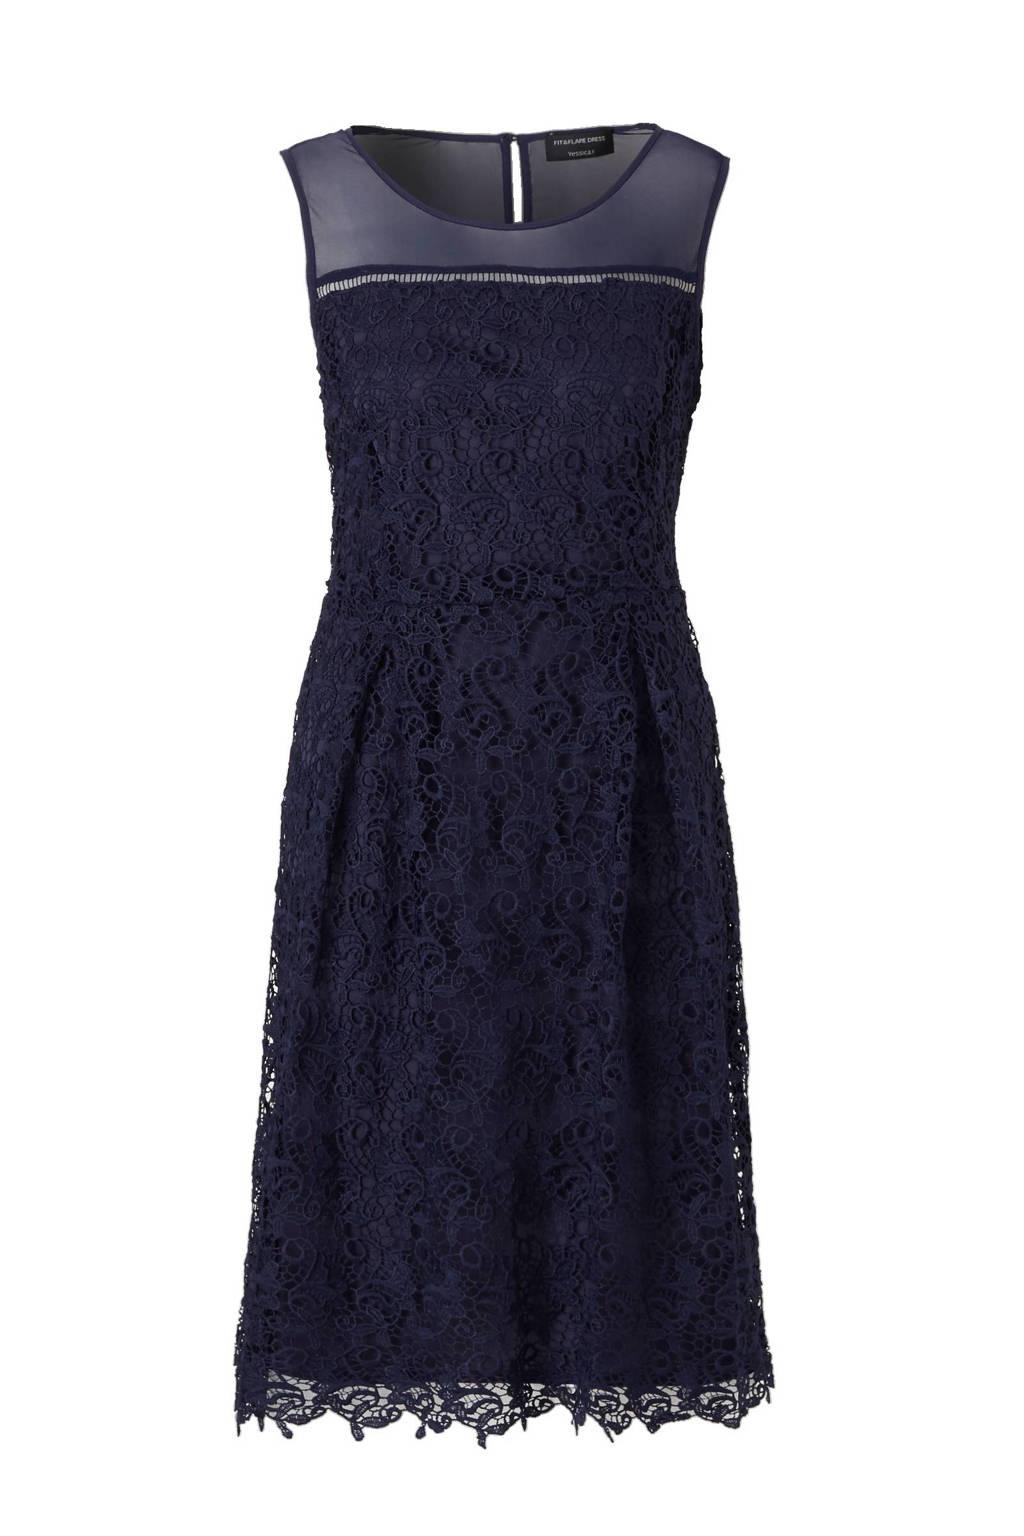 Uitzonderlijk C&A Yessica kanten jurk donkerblauw | wehkamp #IK74